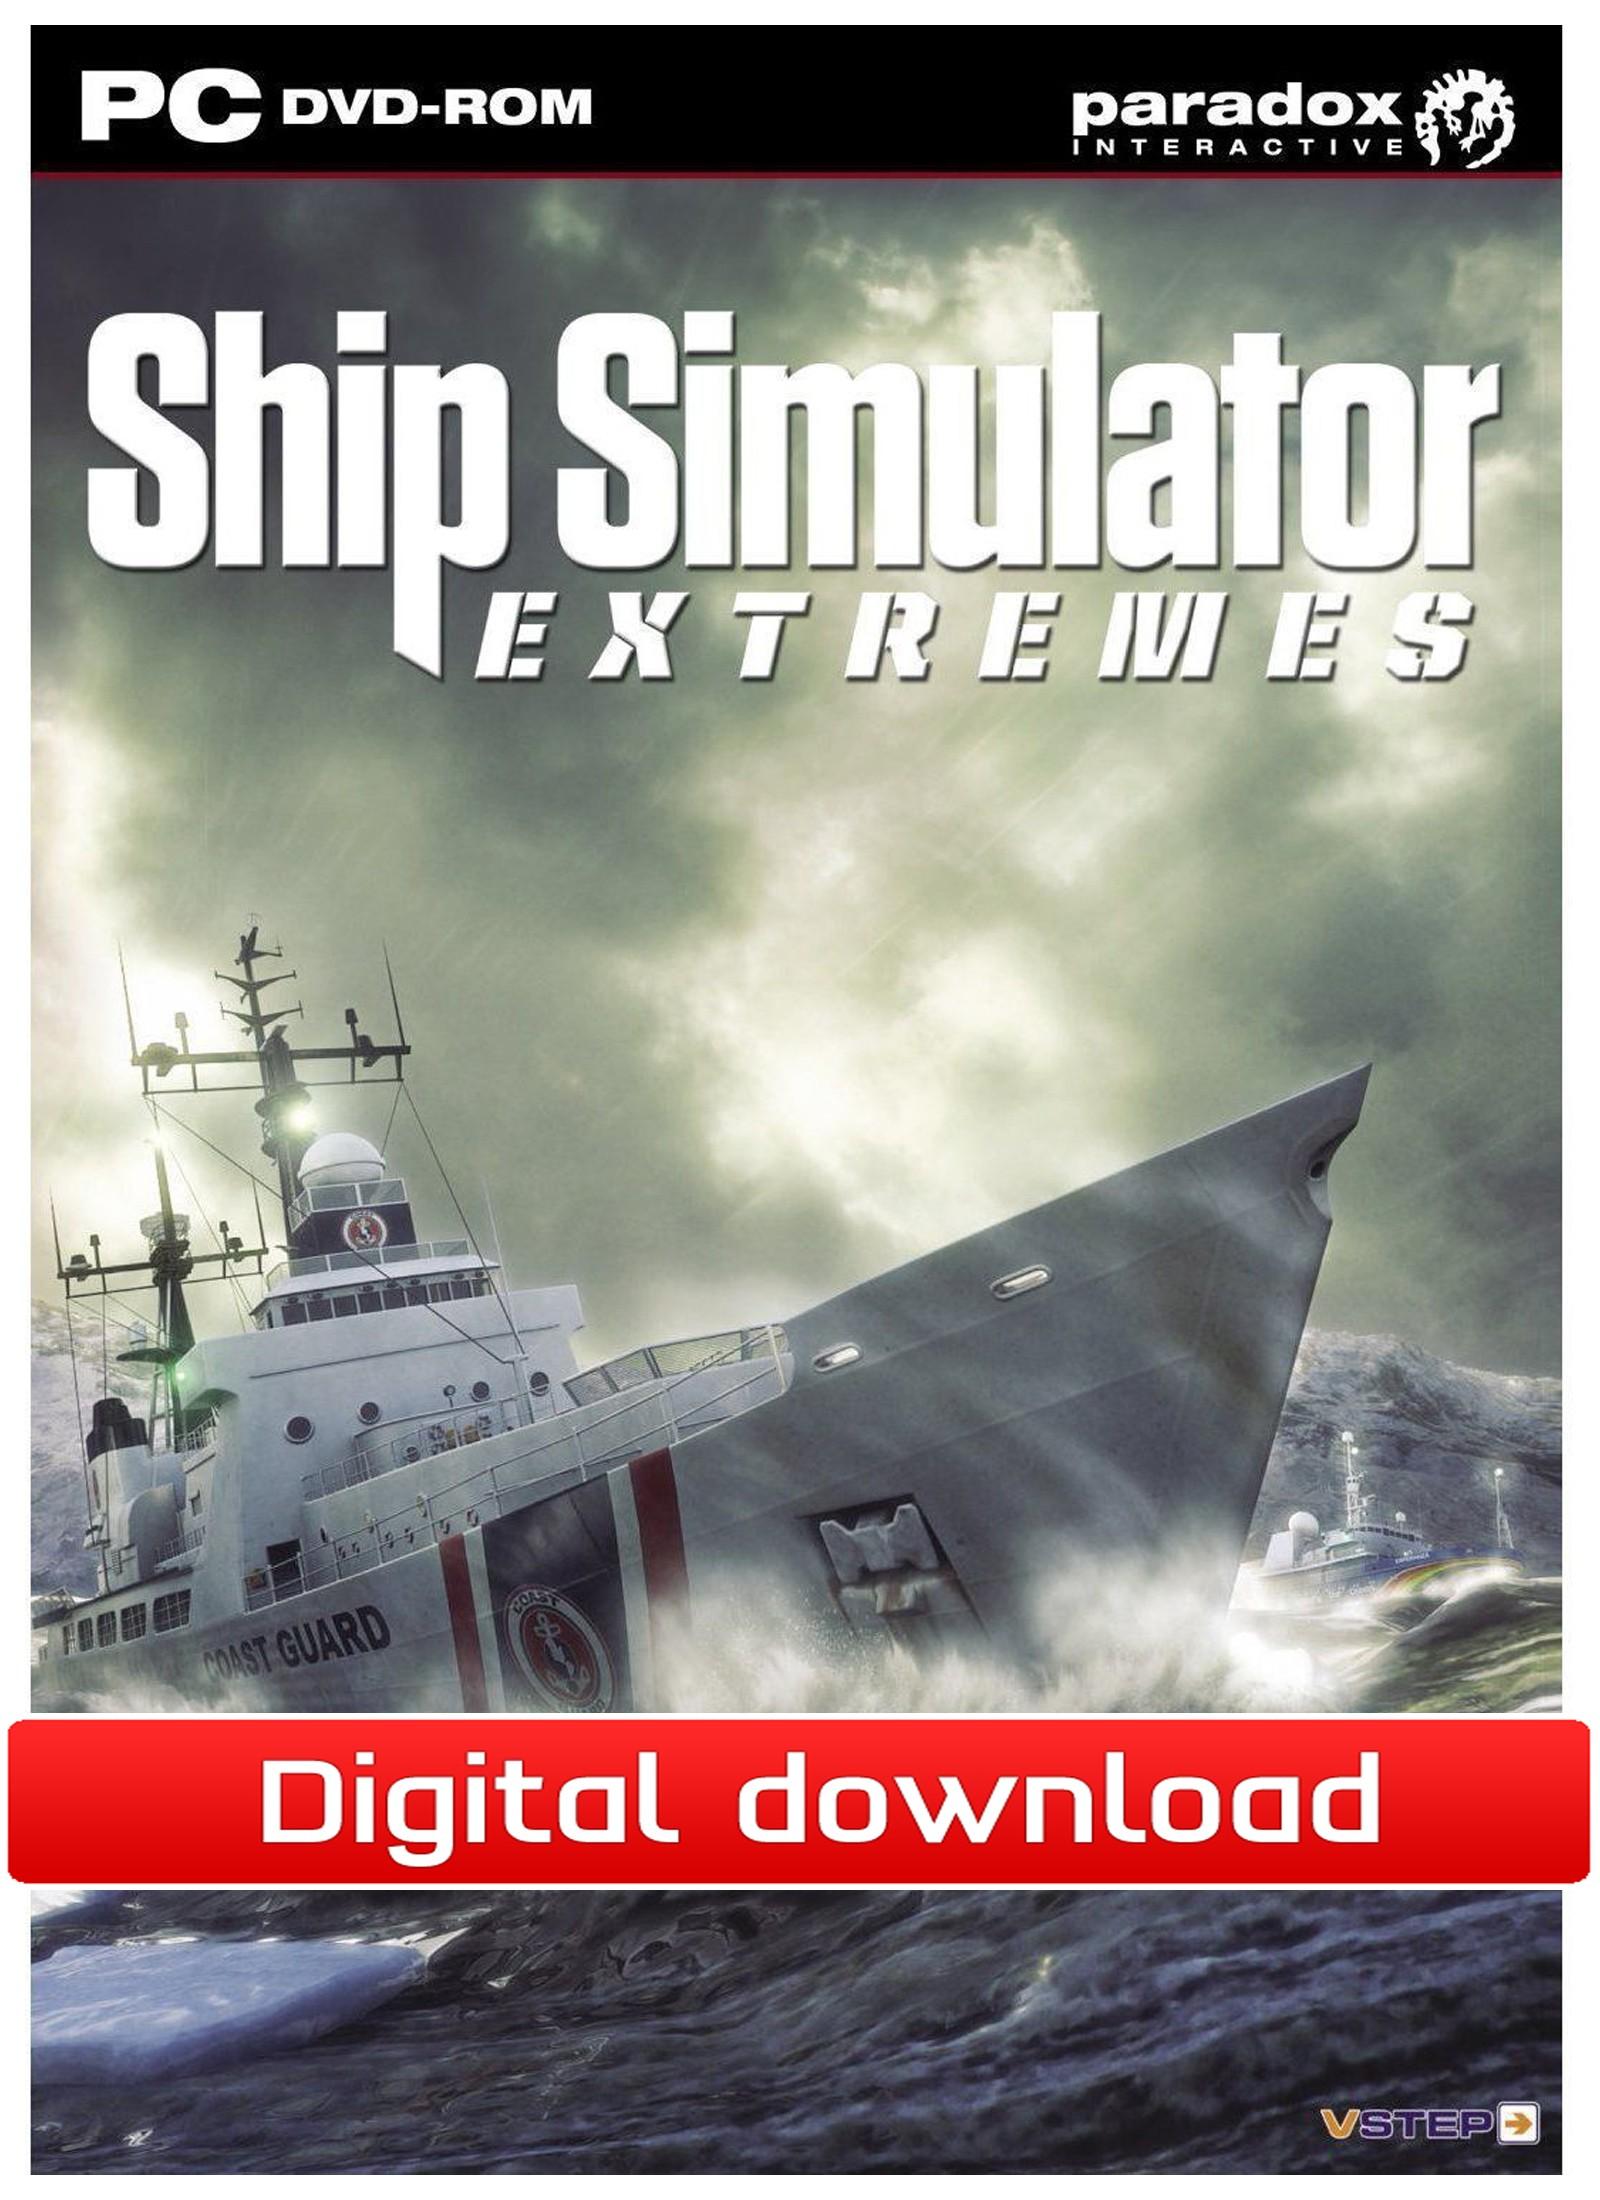 24323 : Ship Simulator Extremes (PC nedlastning)